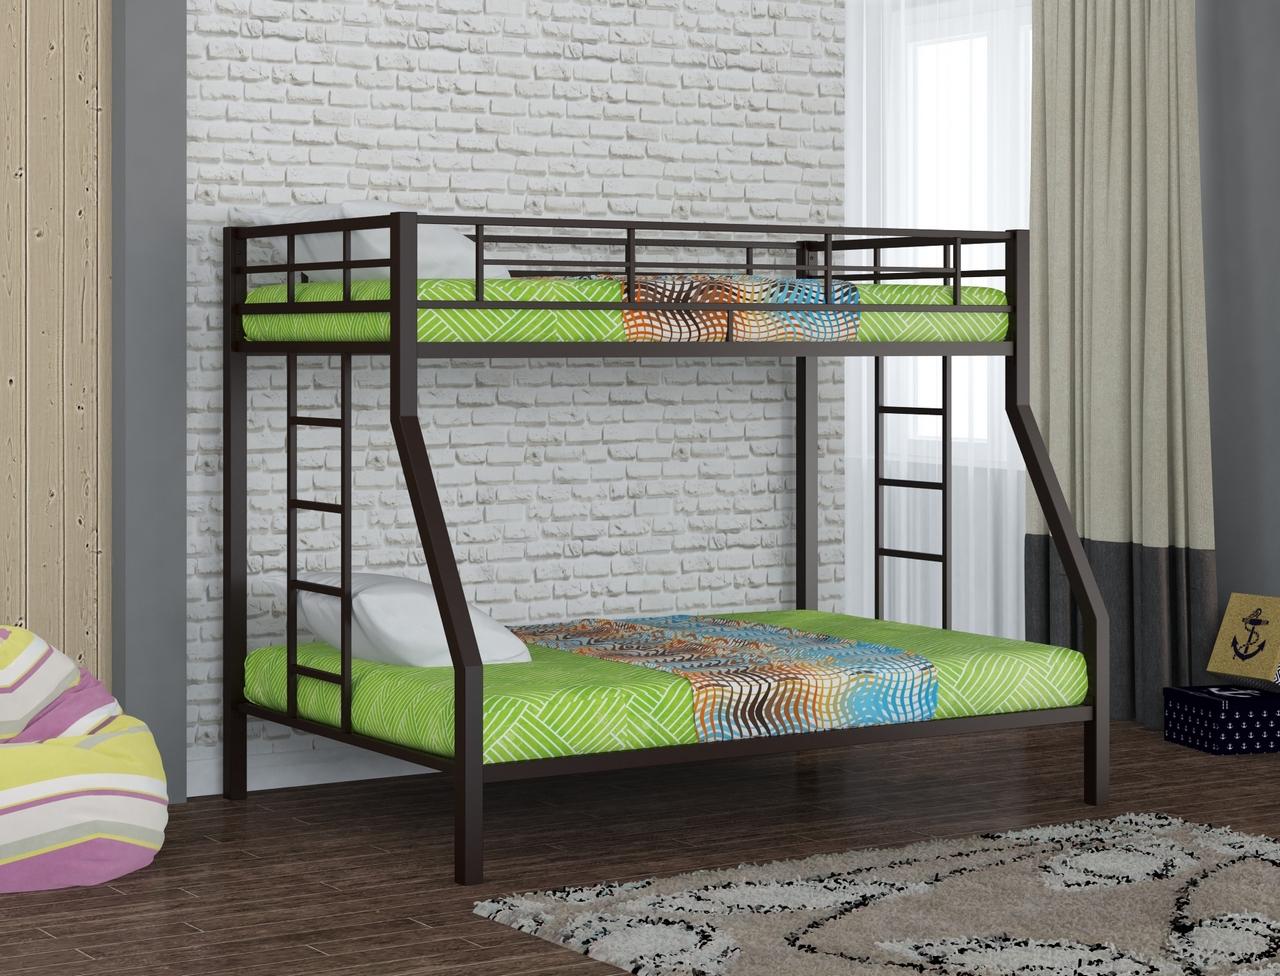 Металлическая двухъярусная кровать Redford Гранада Коричневый